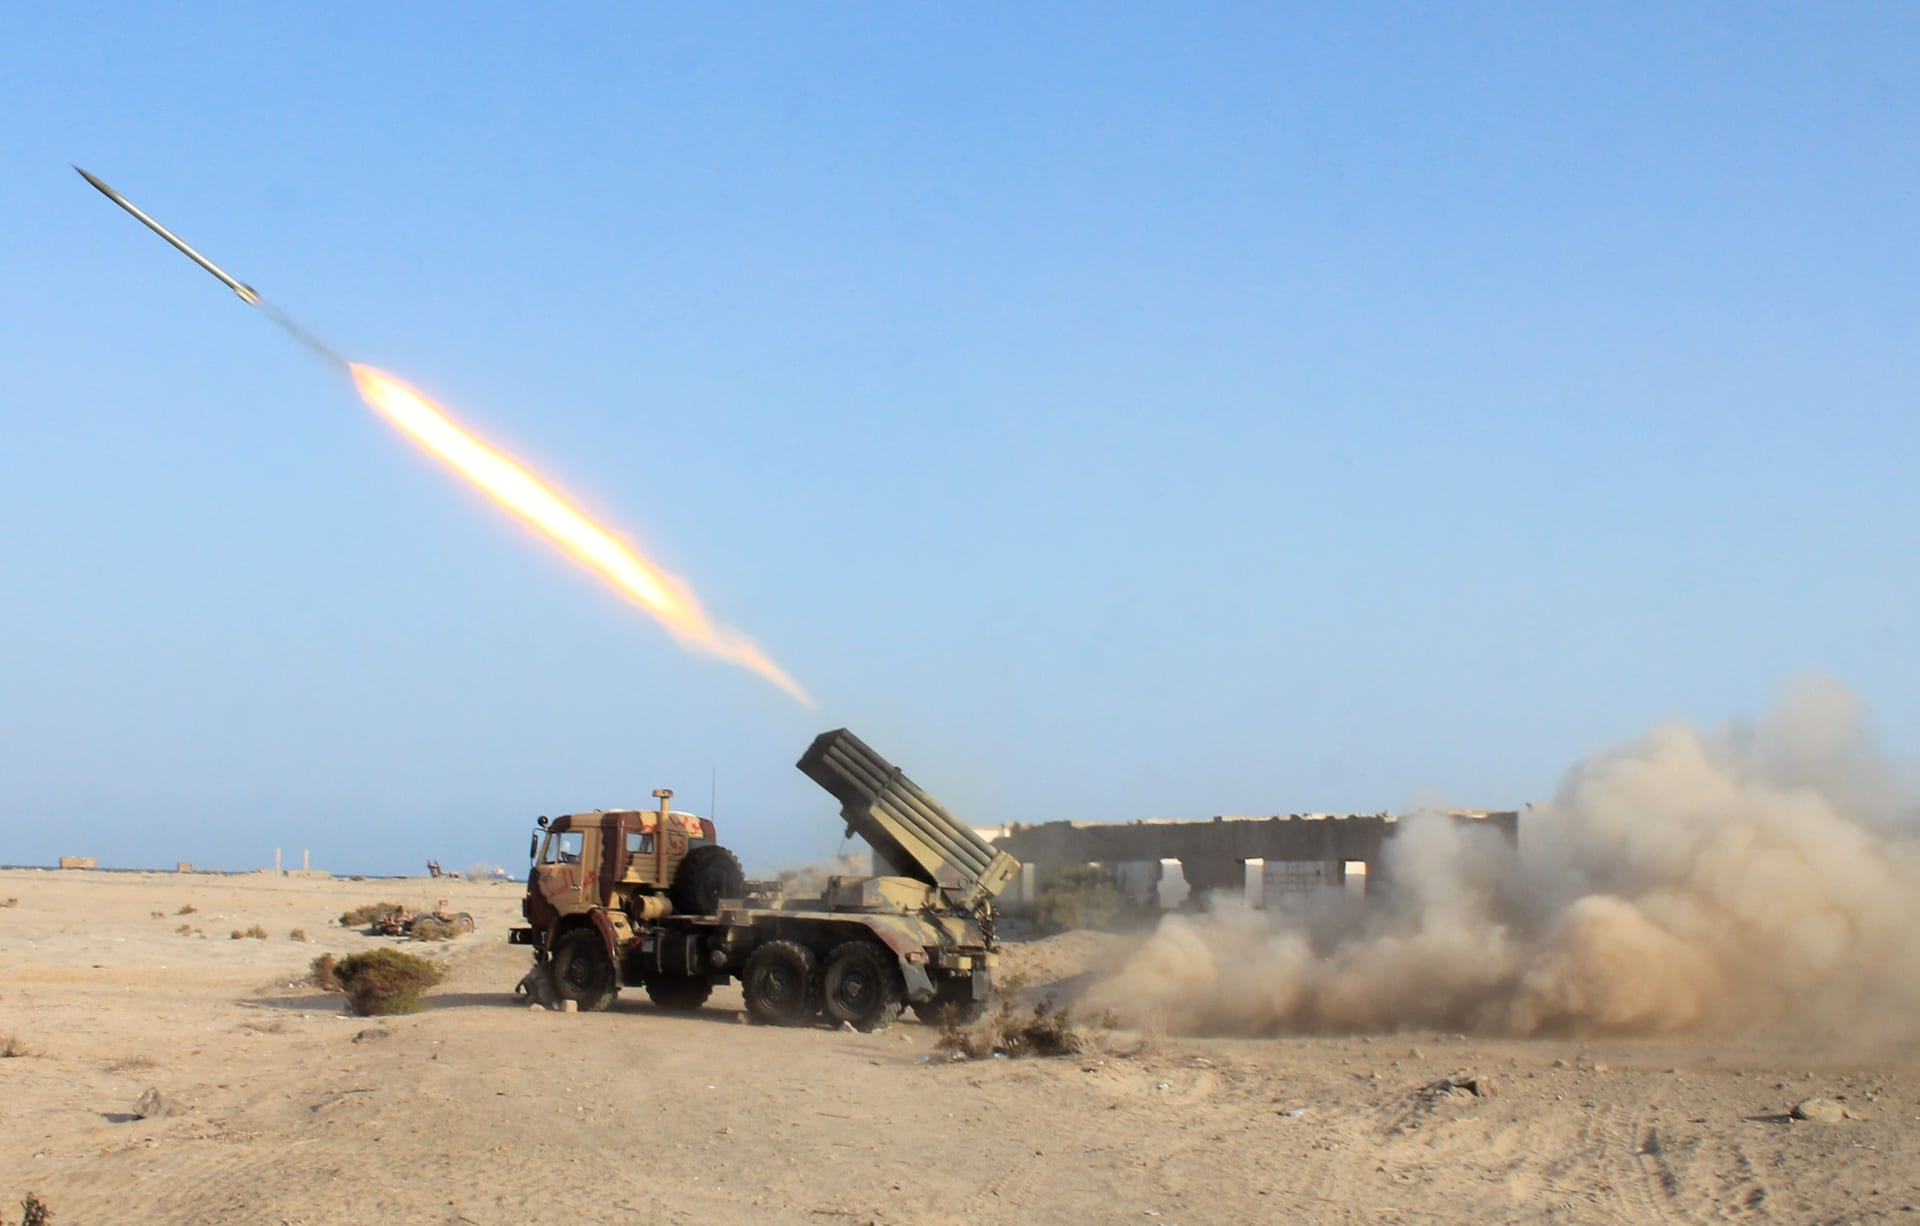 السعودية: القنصلية الأمريكية العامة تحذر الأمريكيين من هجمات صاروخية محتملة الليلة في 3 مدن